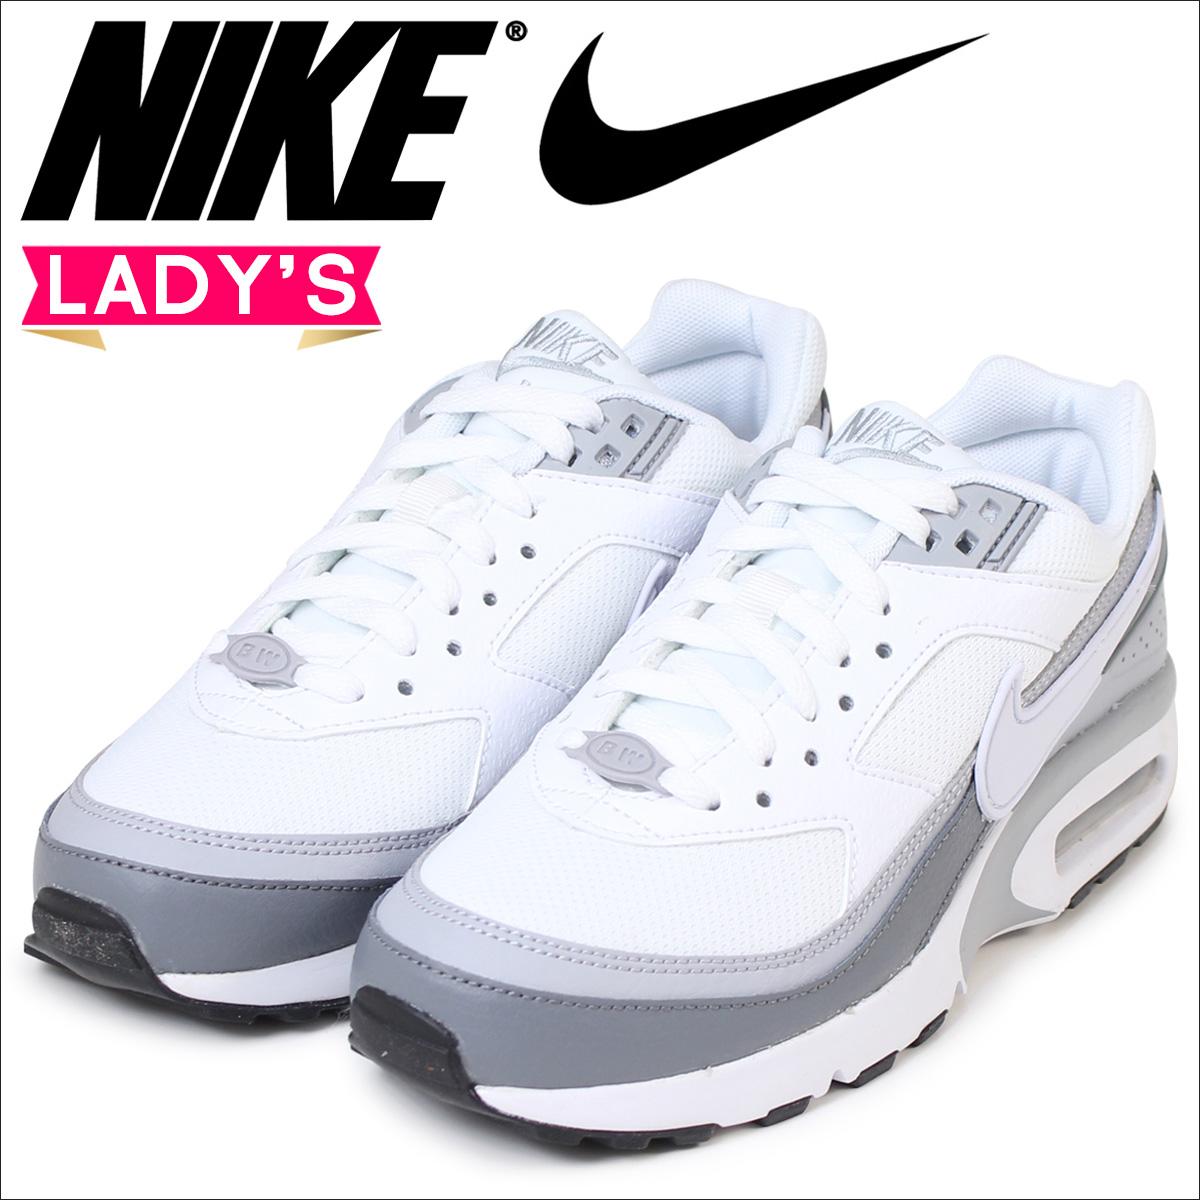 耐克NIKE空气最大女士运动鞋AIR MAX BW空气最大820344-005鞋白[1/20新进货]